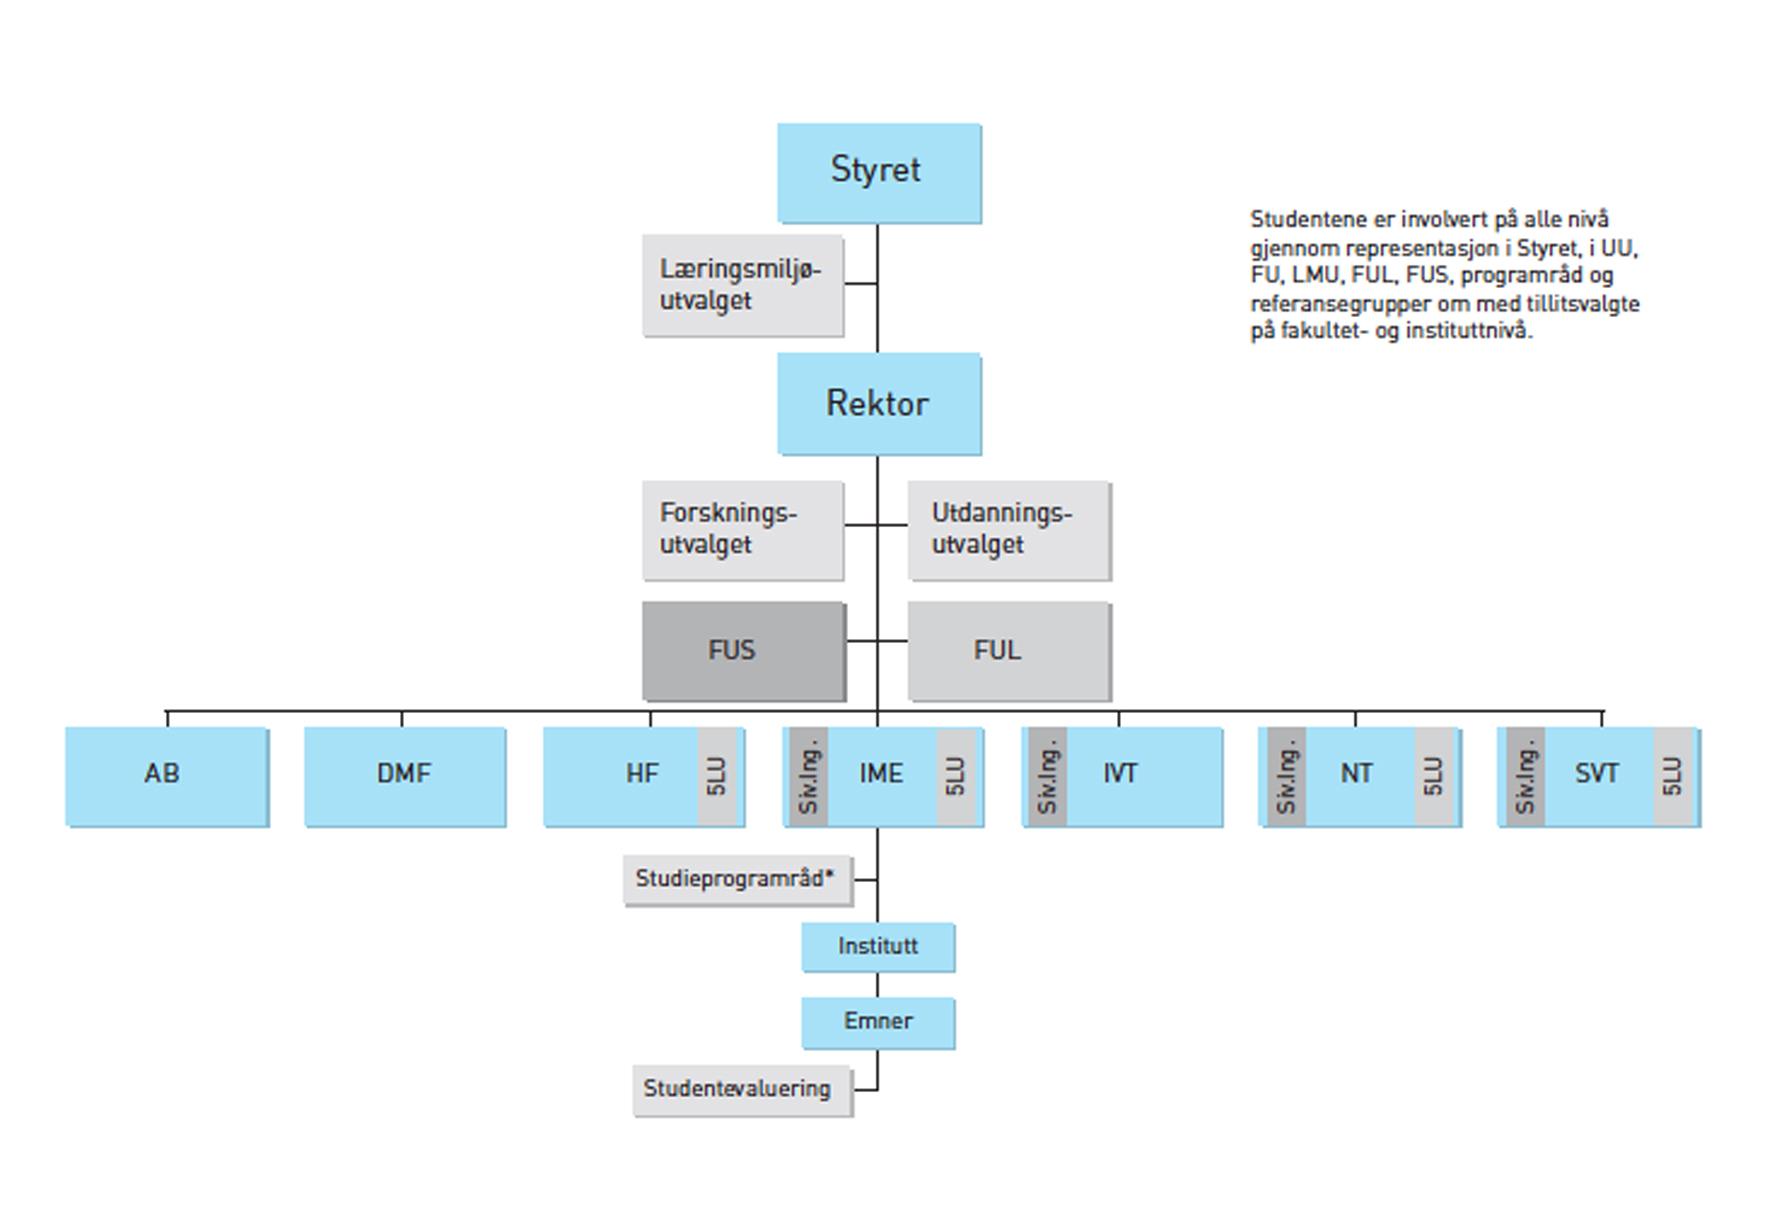 Organisasjonskart over kvalitetssikringssystemet ved NTNU. Grafikk.